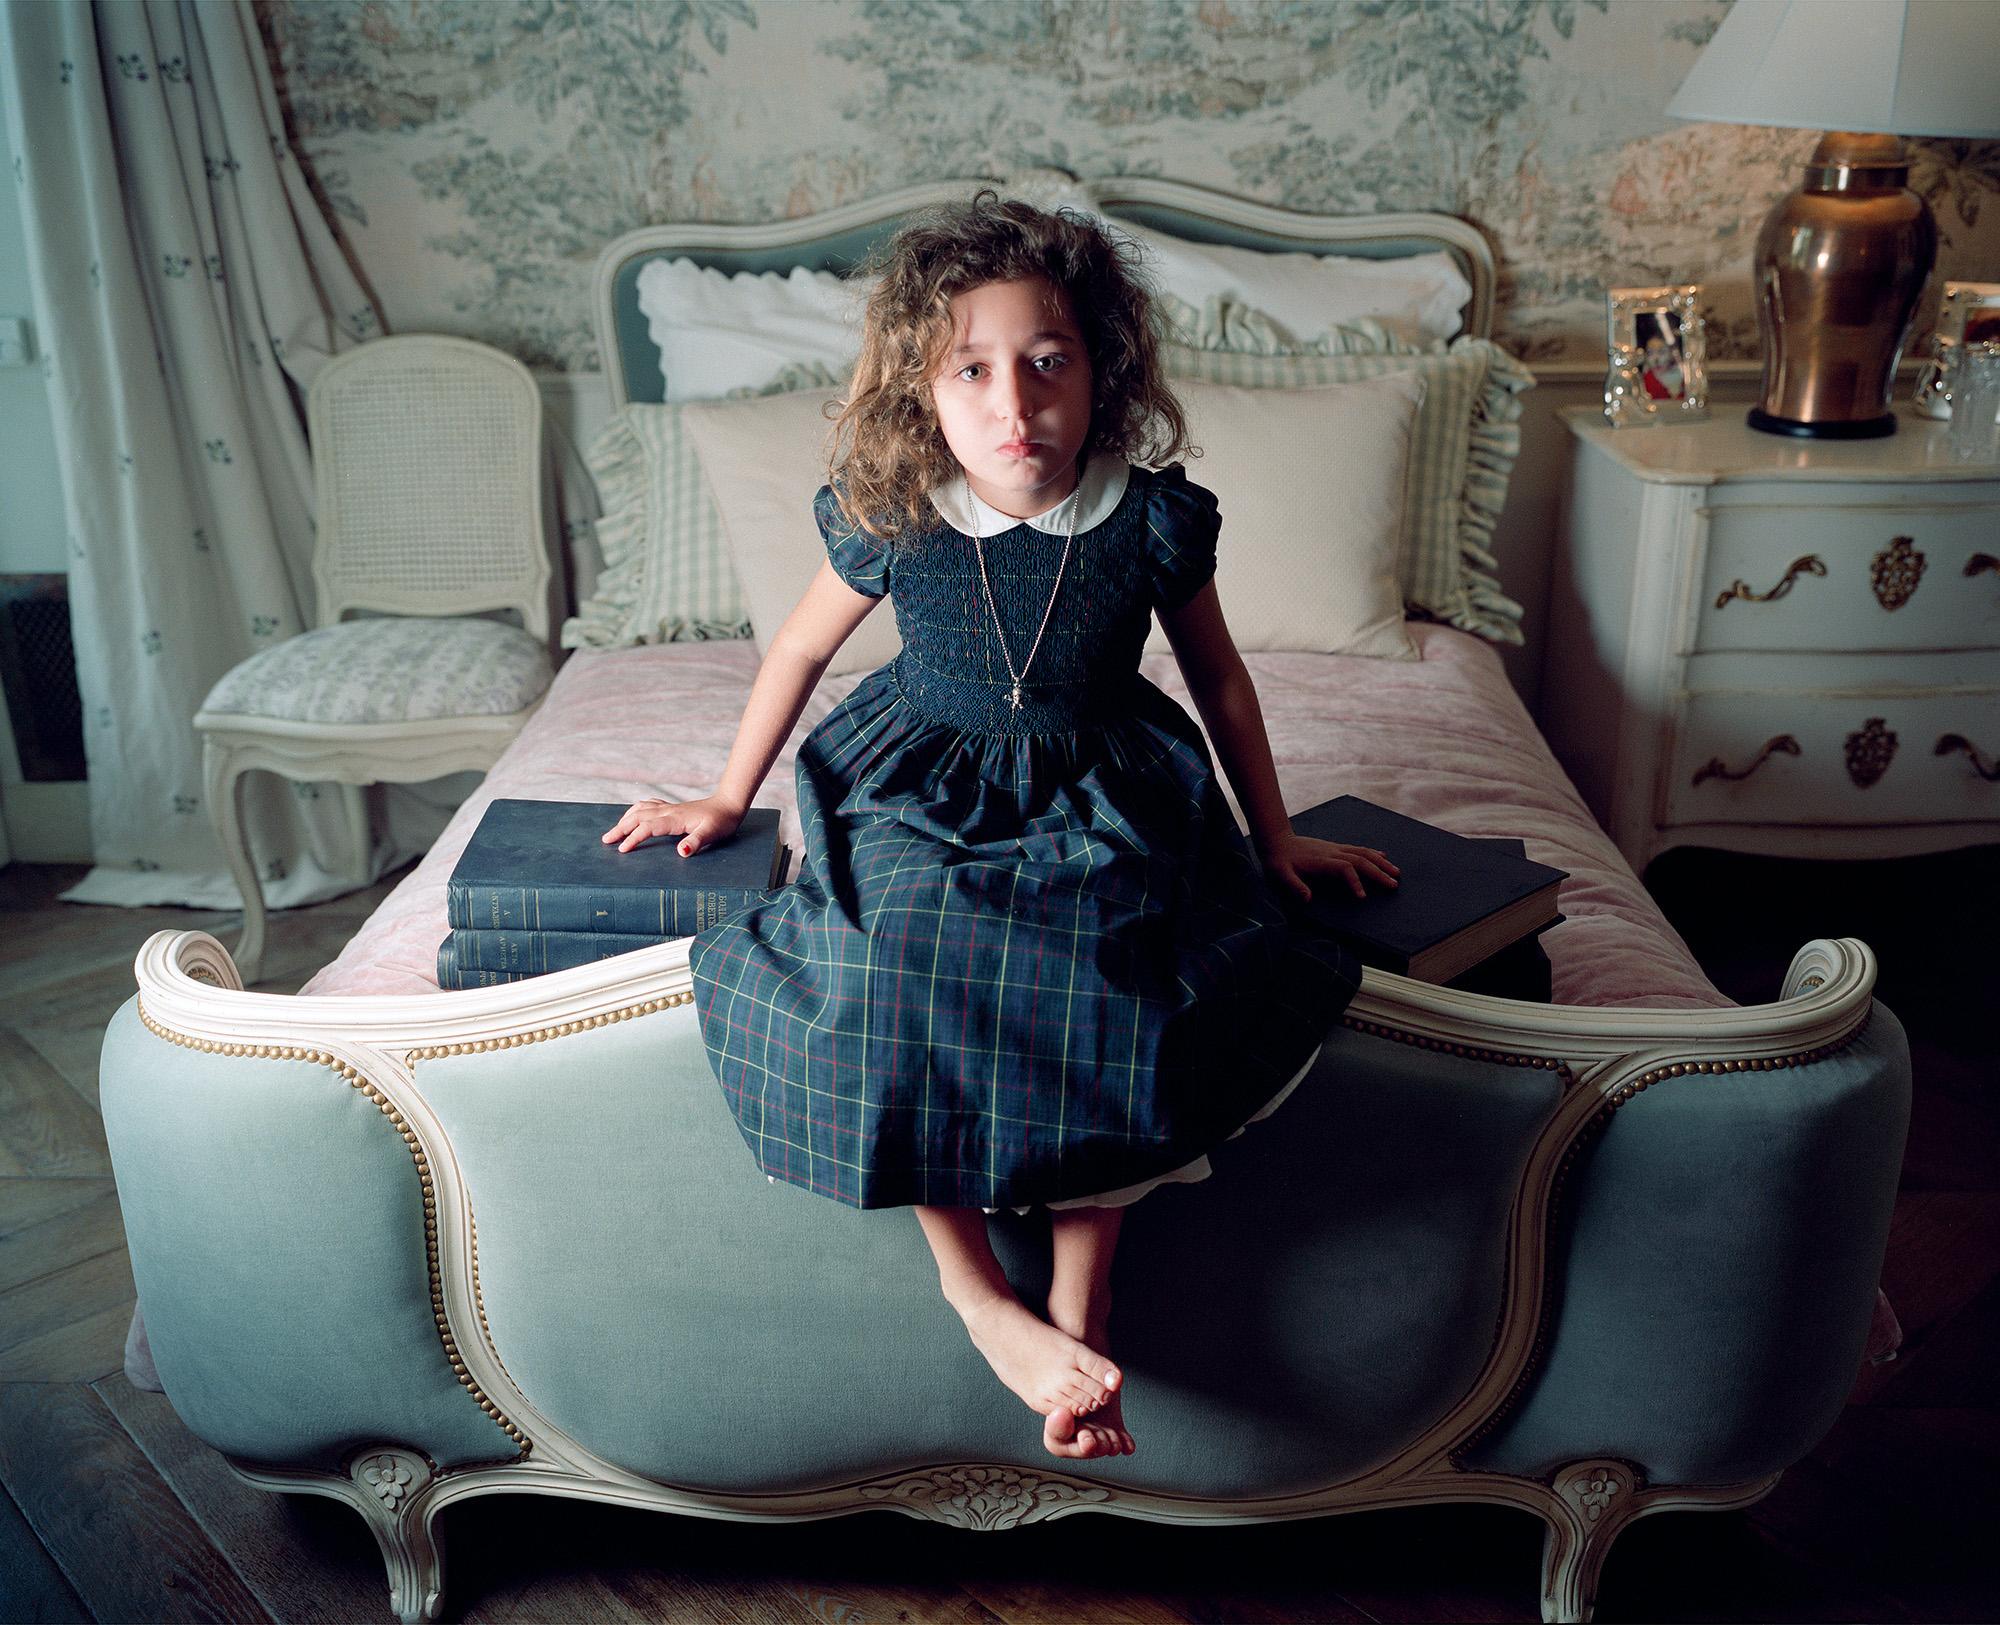 Etia in Her Bedroom, Moscow 2009